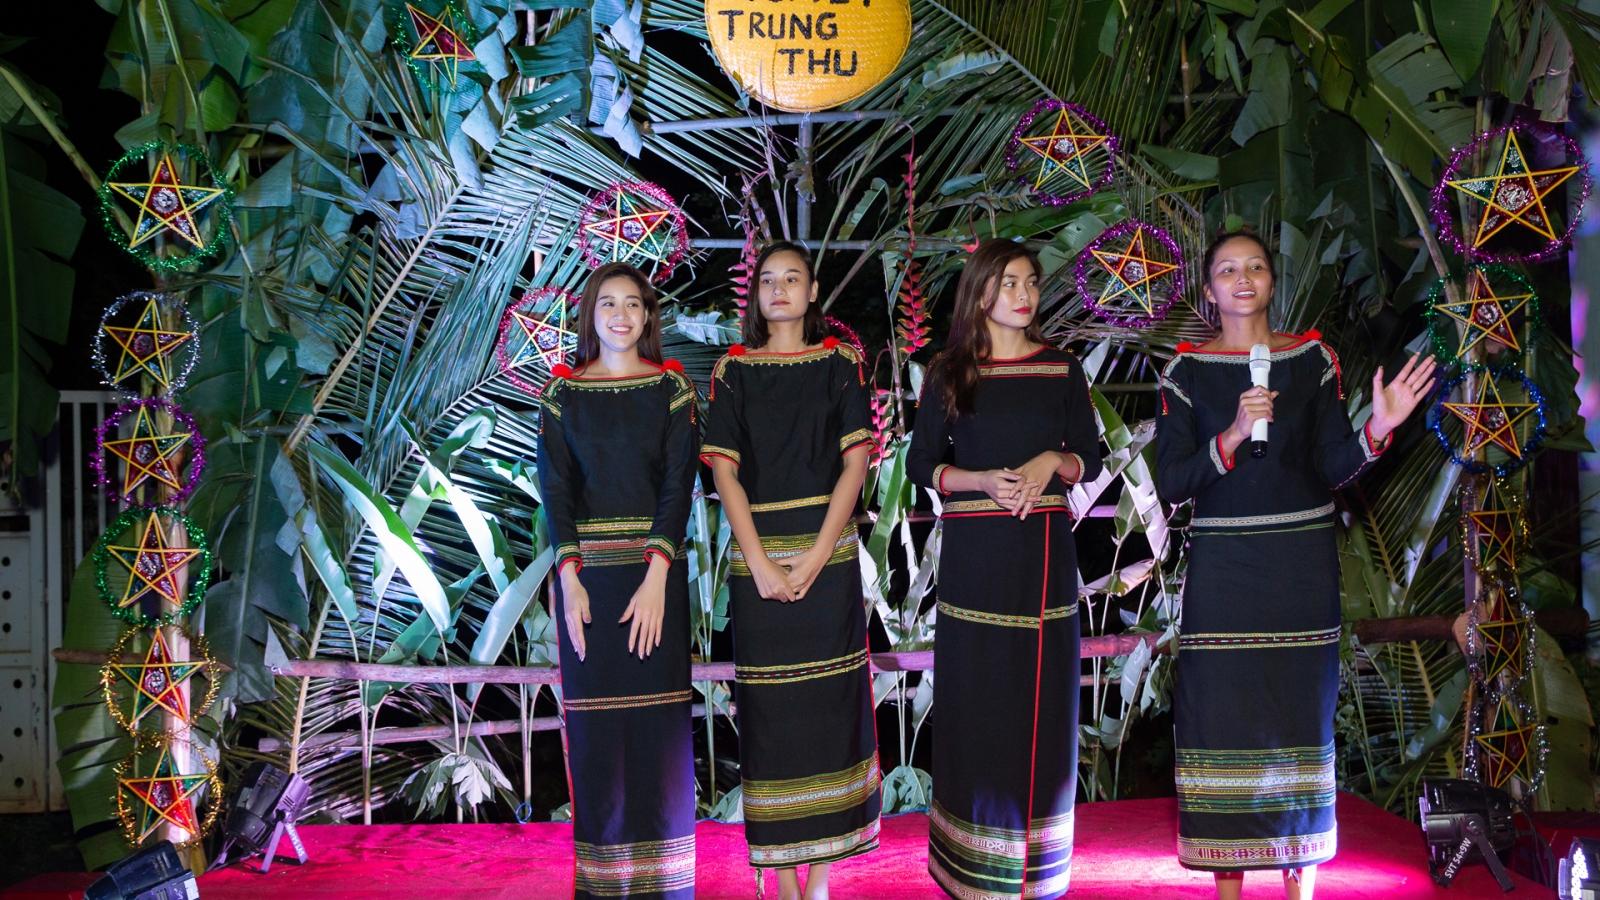 Hoa hậu H' Hen Niê, Khánh Vân diện trang phục Êđê, vui tết Trung thu cùng trẻ em buôn làng